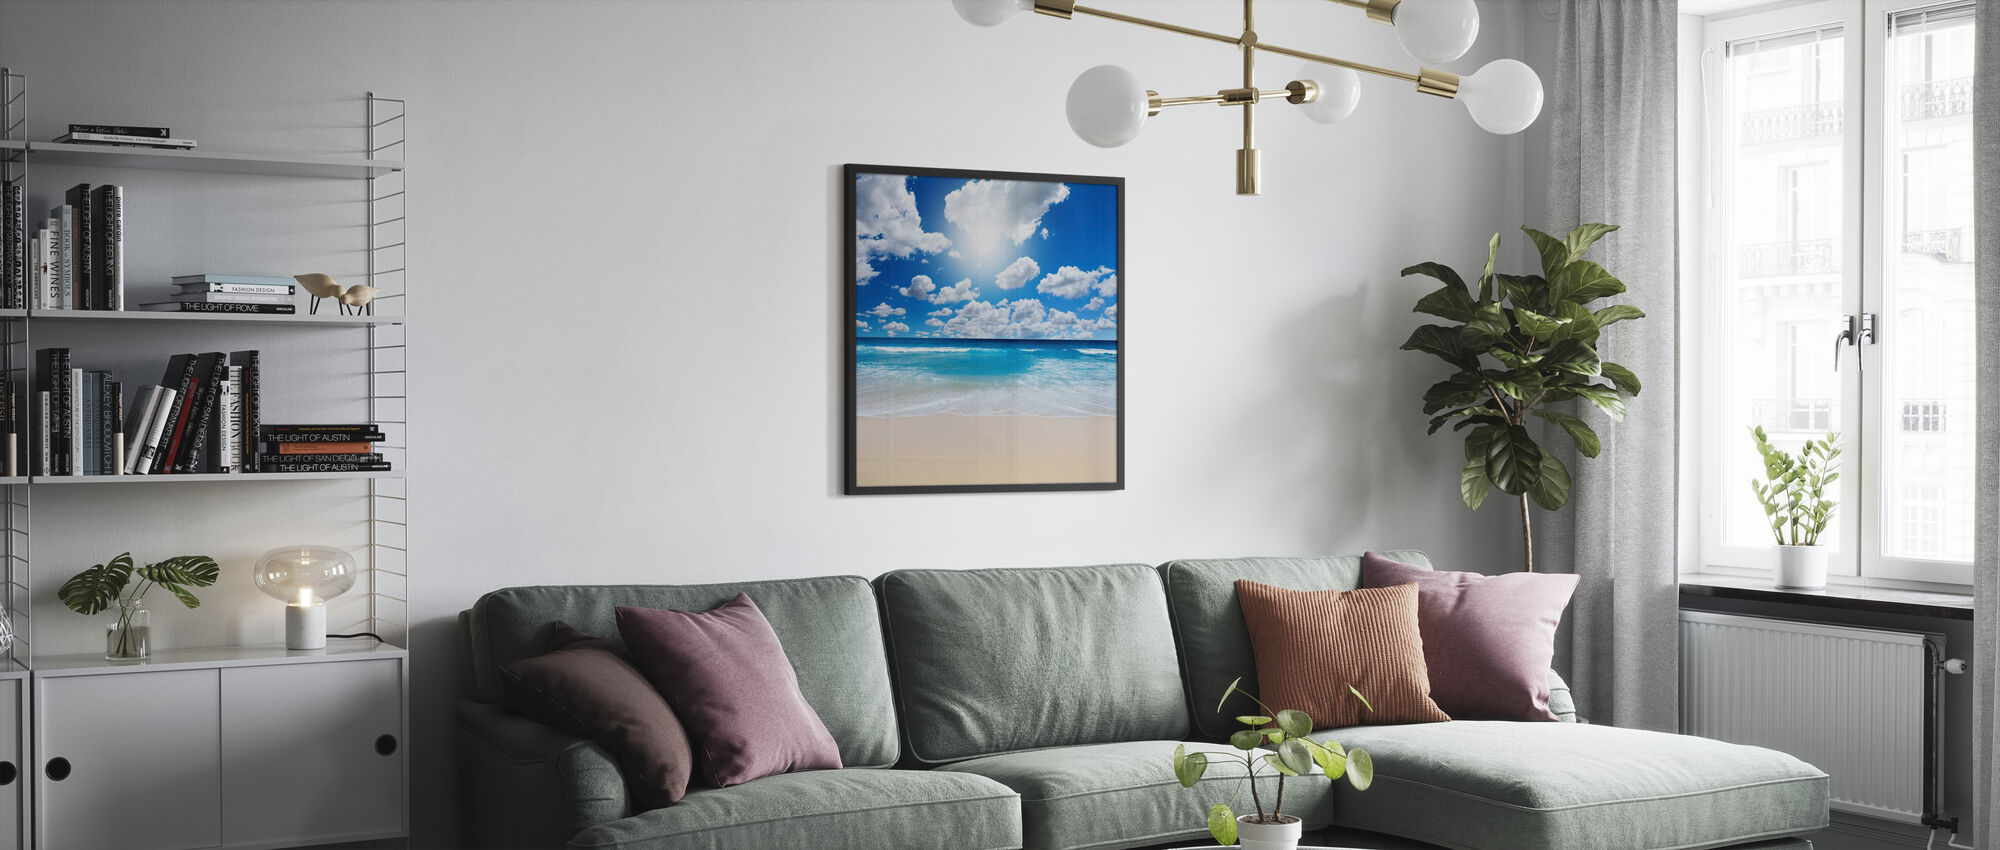 Summertime at the Beach - Framed print - Living Room